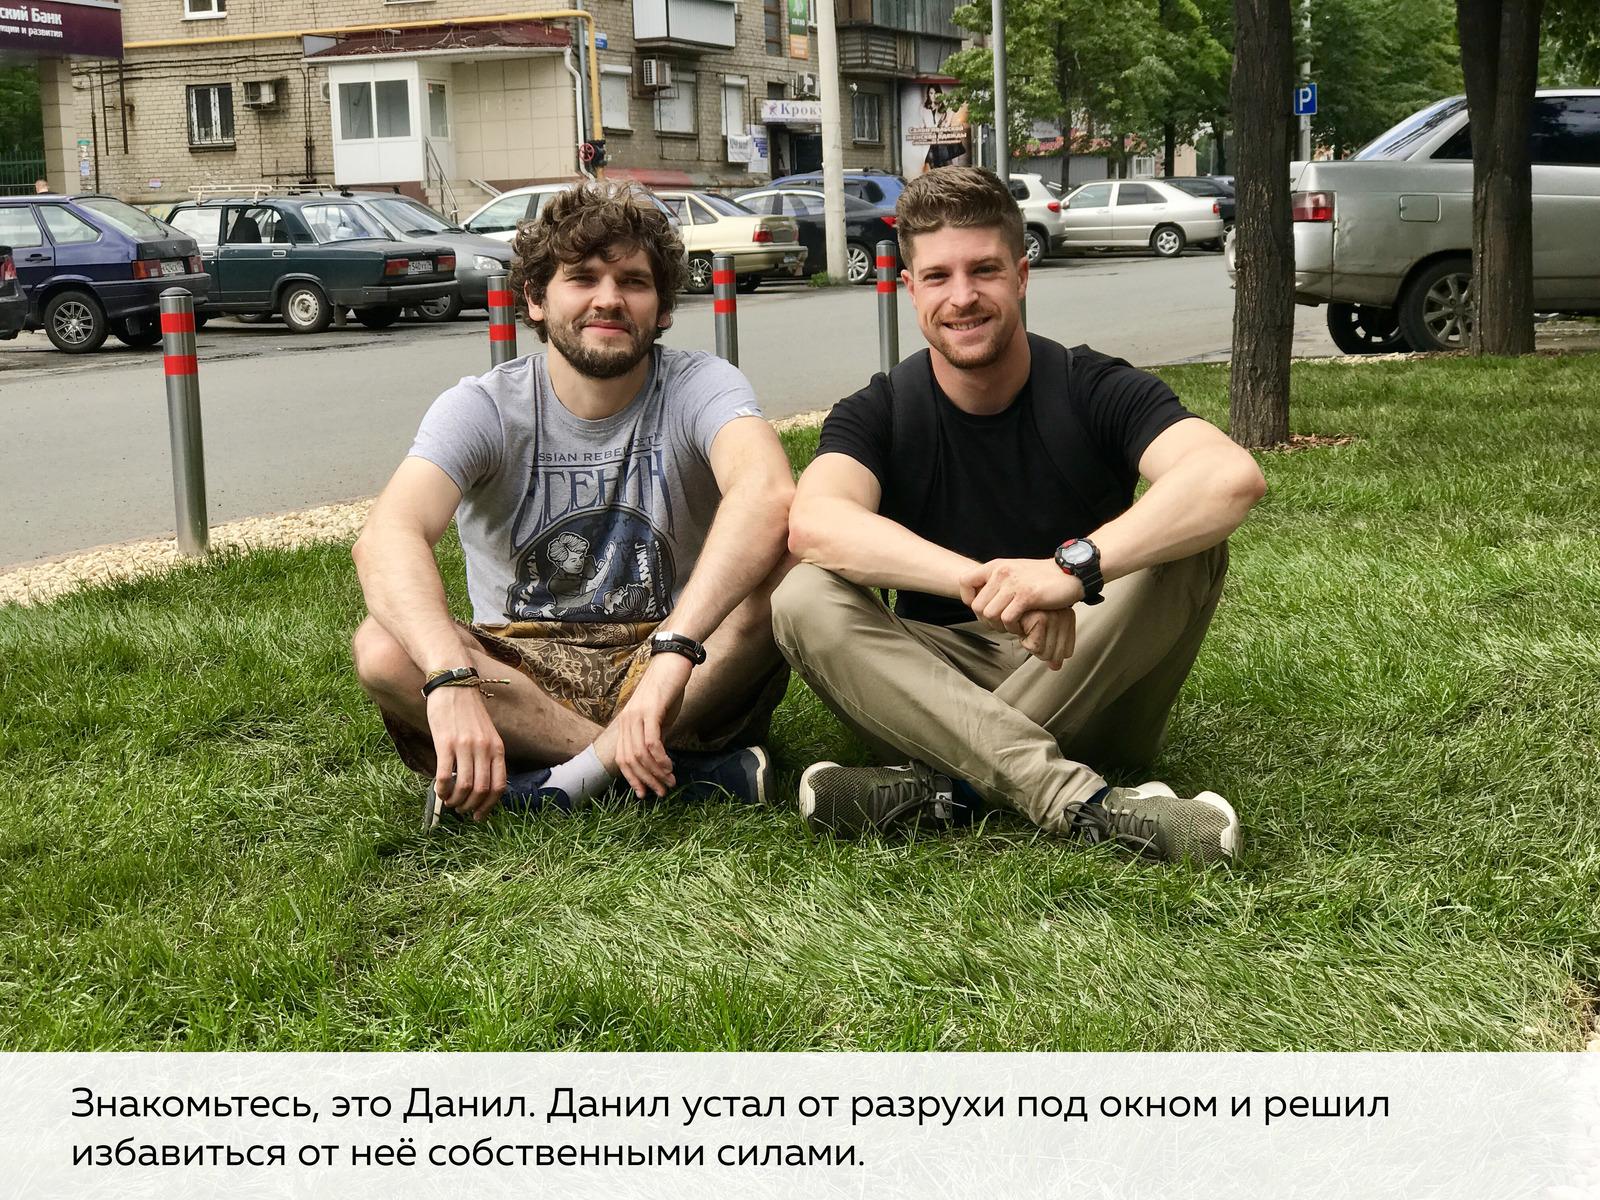 Сделали крутой газон из куска грязи в Челябинске